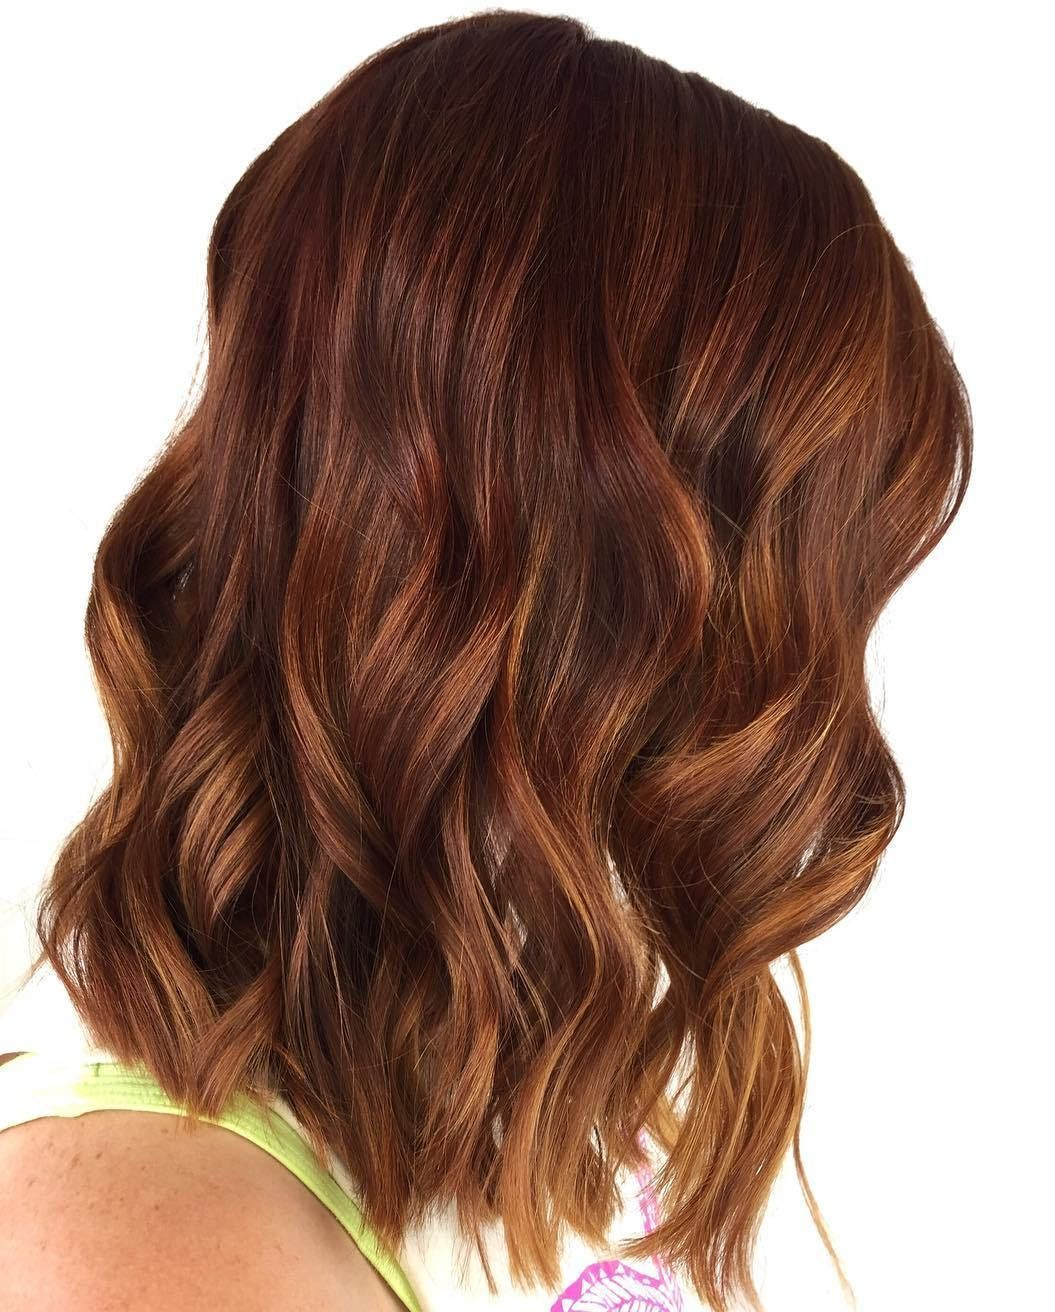 Golden Chestnut Hair Color Best Hair Color For Dark Skin Women